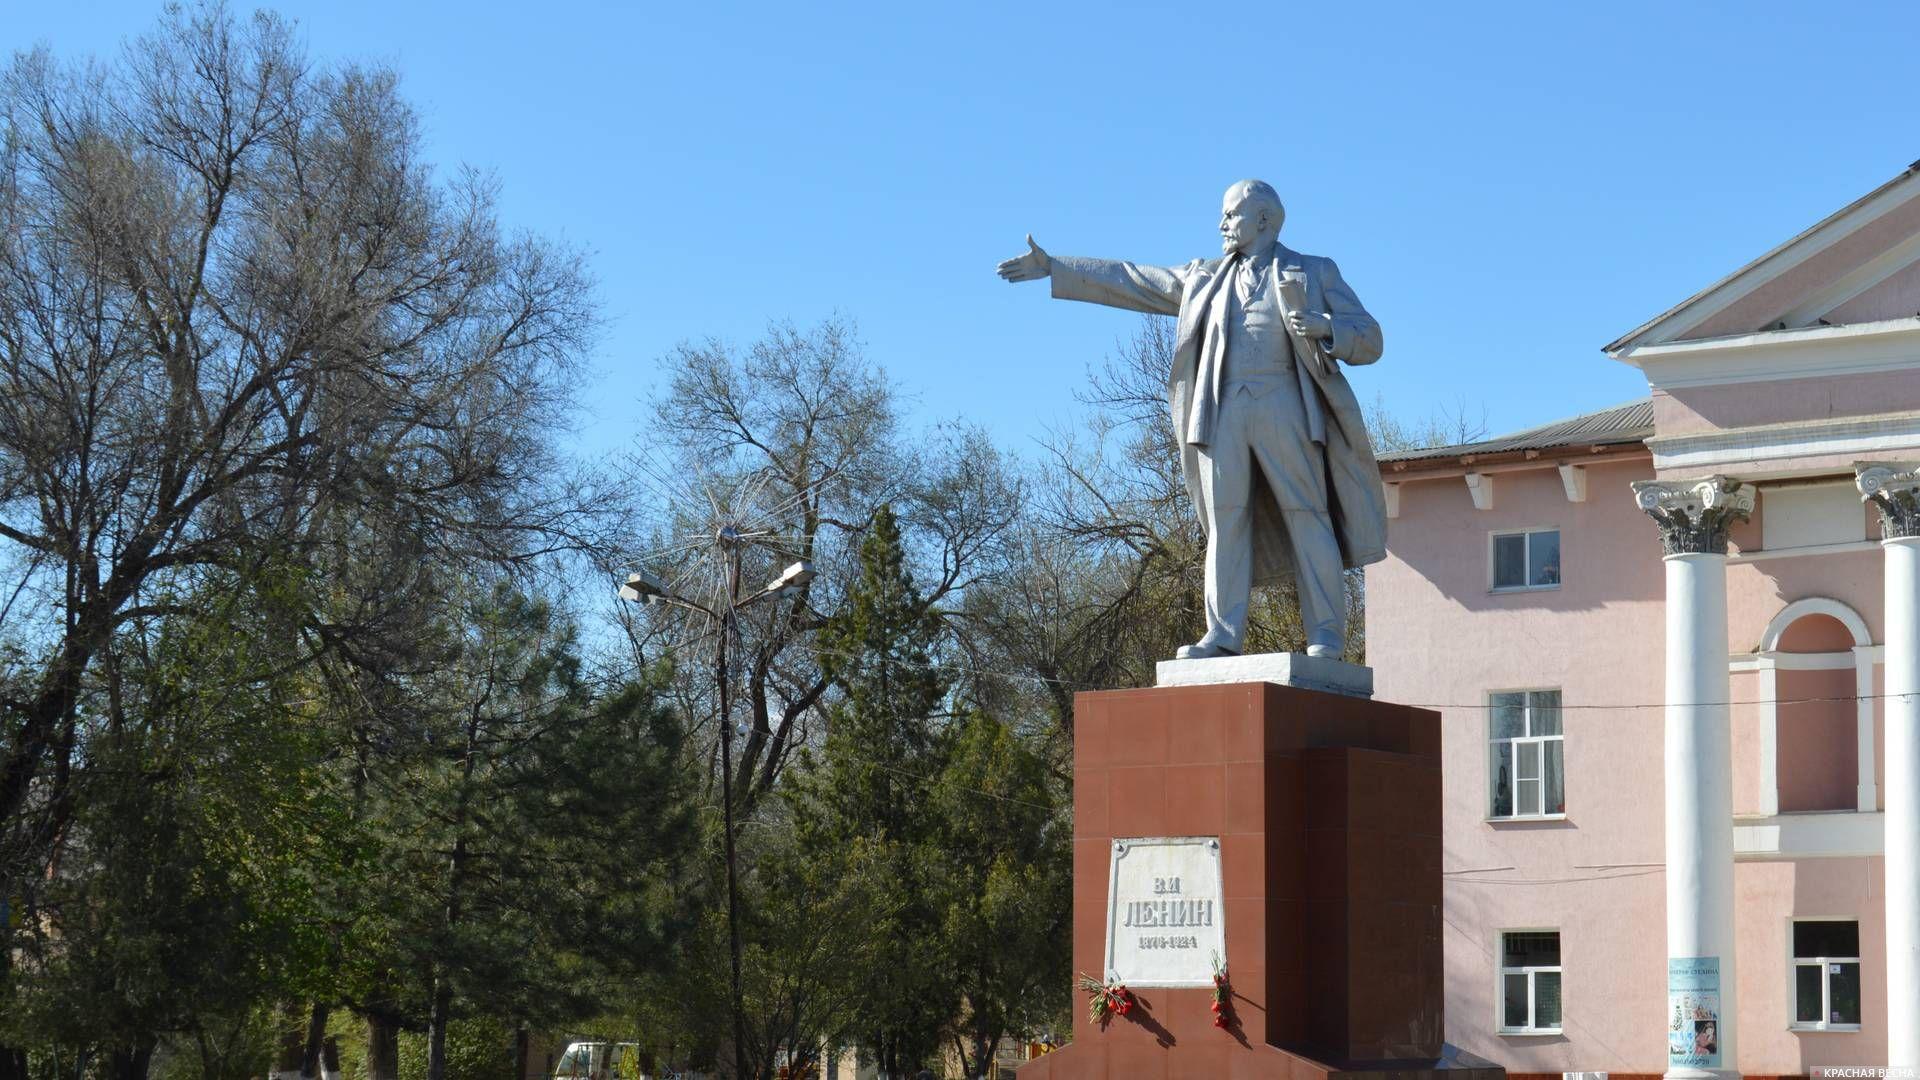 Новочеркасск. Памятник Ленину перед ДК Октябрьского района